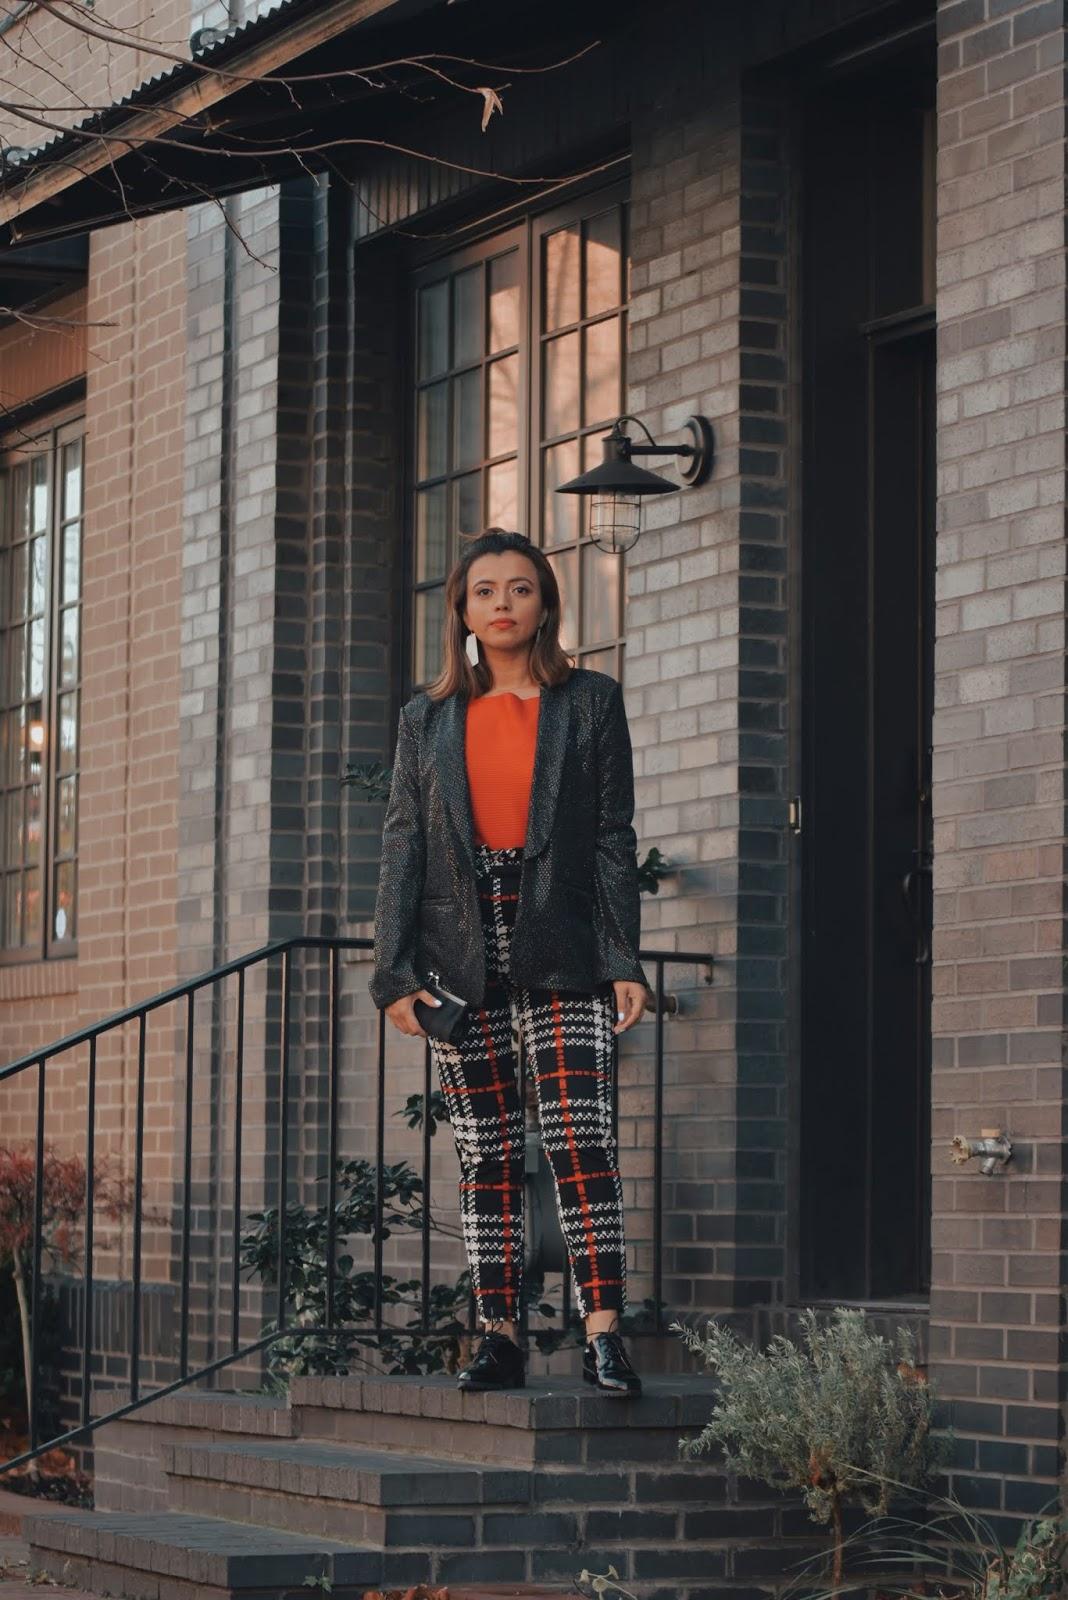 Feliz Día De Acción De Gracias! |-SheIn Black Friday by Mari Estilo-dcblogger-street style-outfits navideños-outfits de fiestas-como vestir si eres mayor de 40-